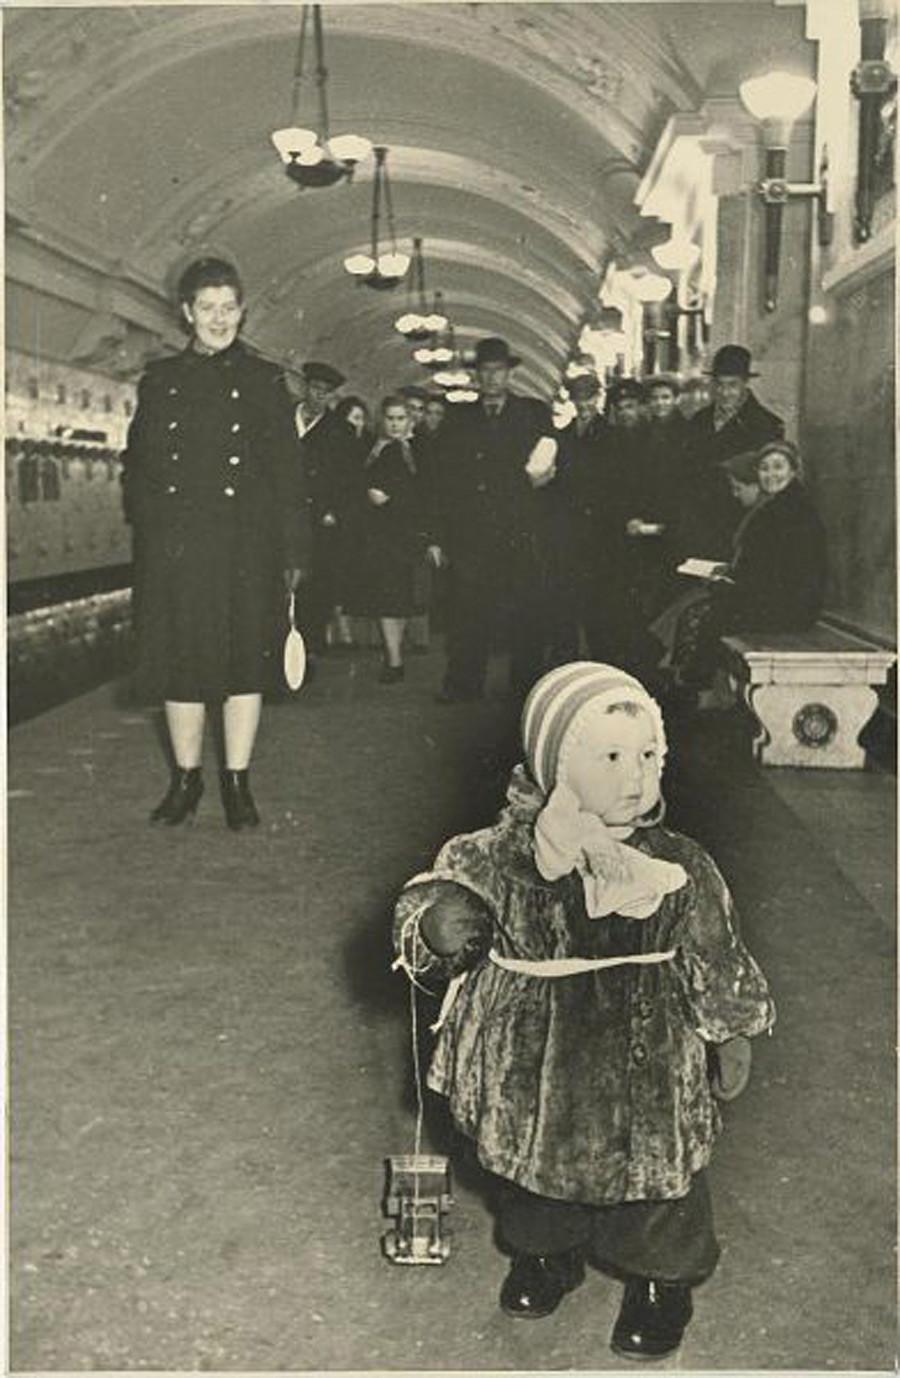 地下鉄、1950年代